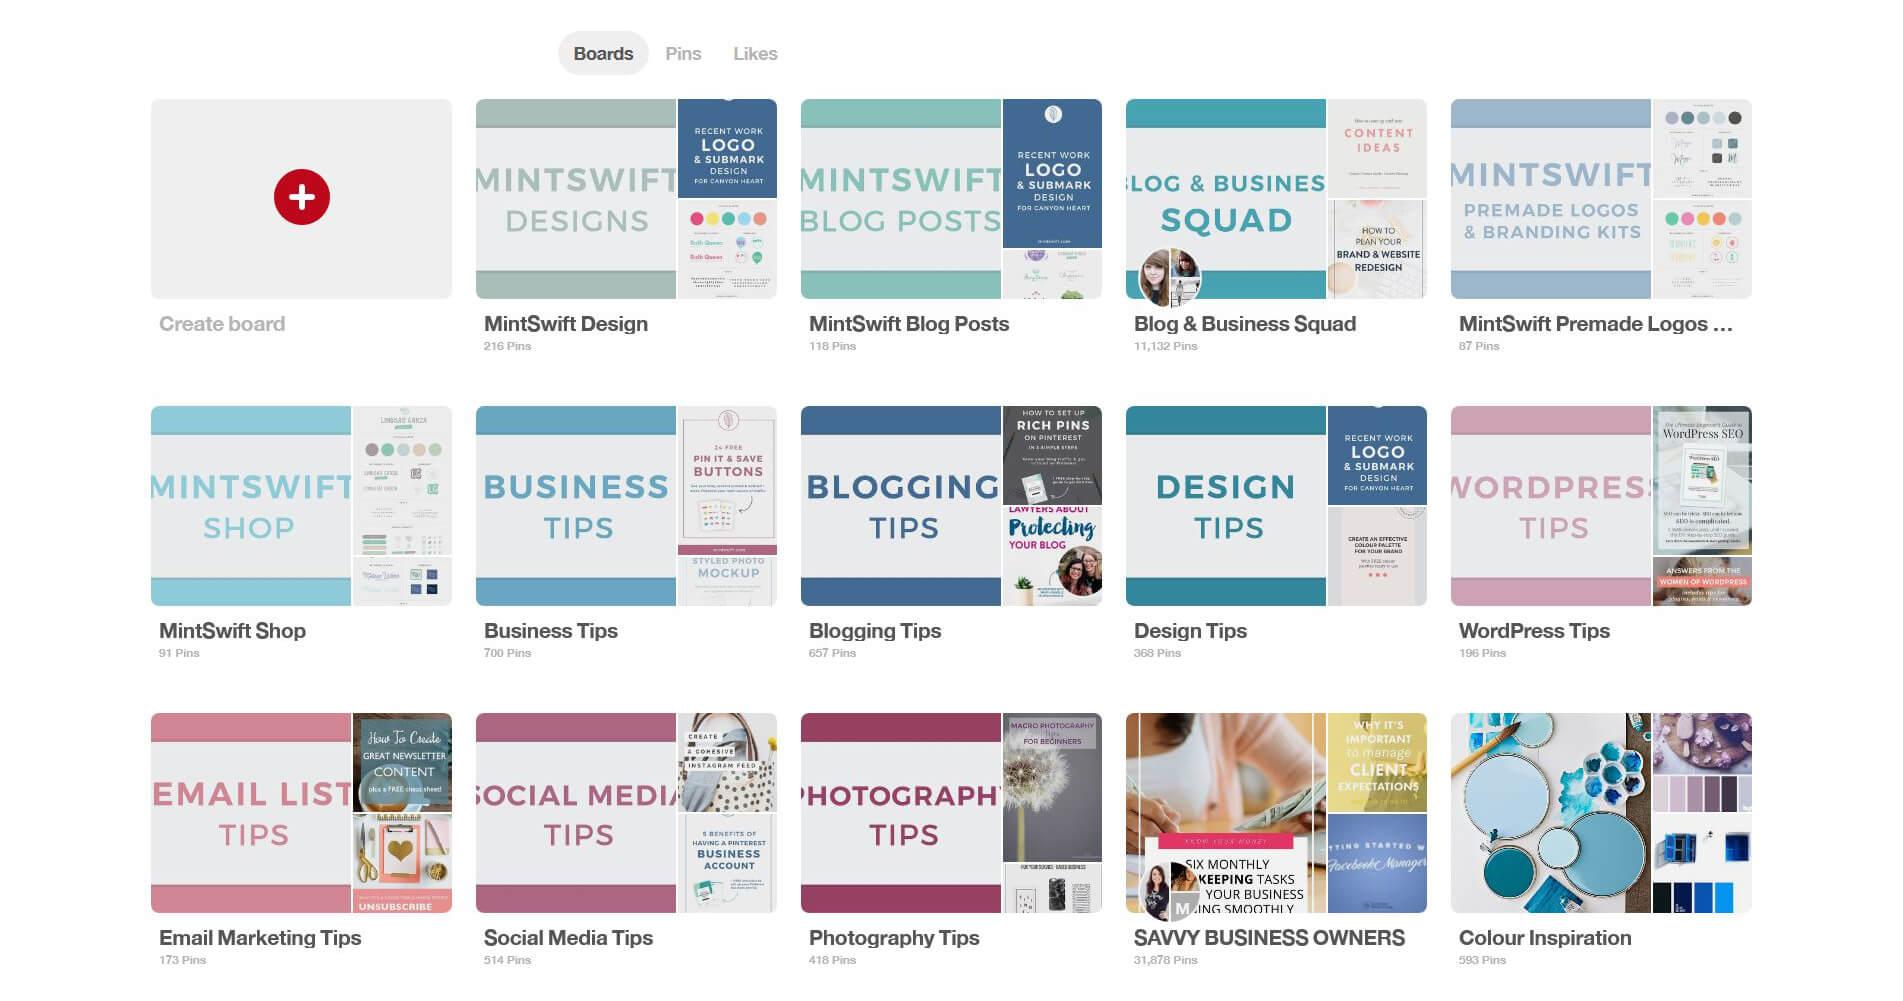 MintSwift custom board covers on Pinterest profile